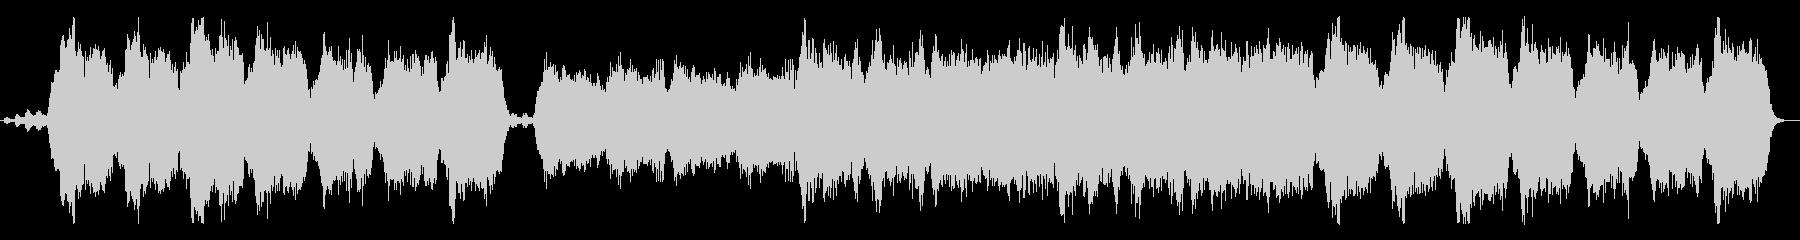 ストリングスの優雅な重和声の未再生の波形